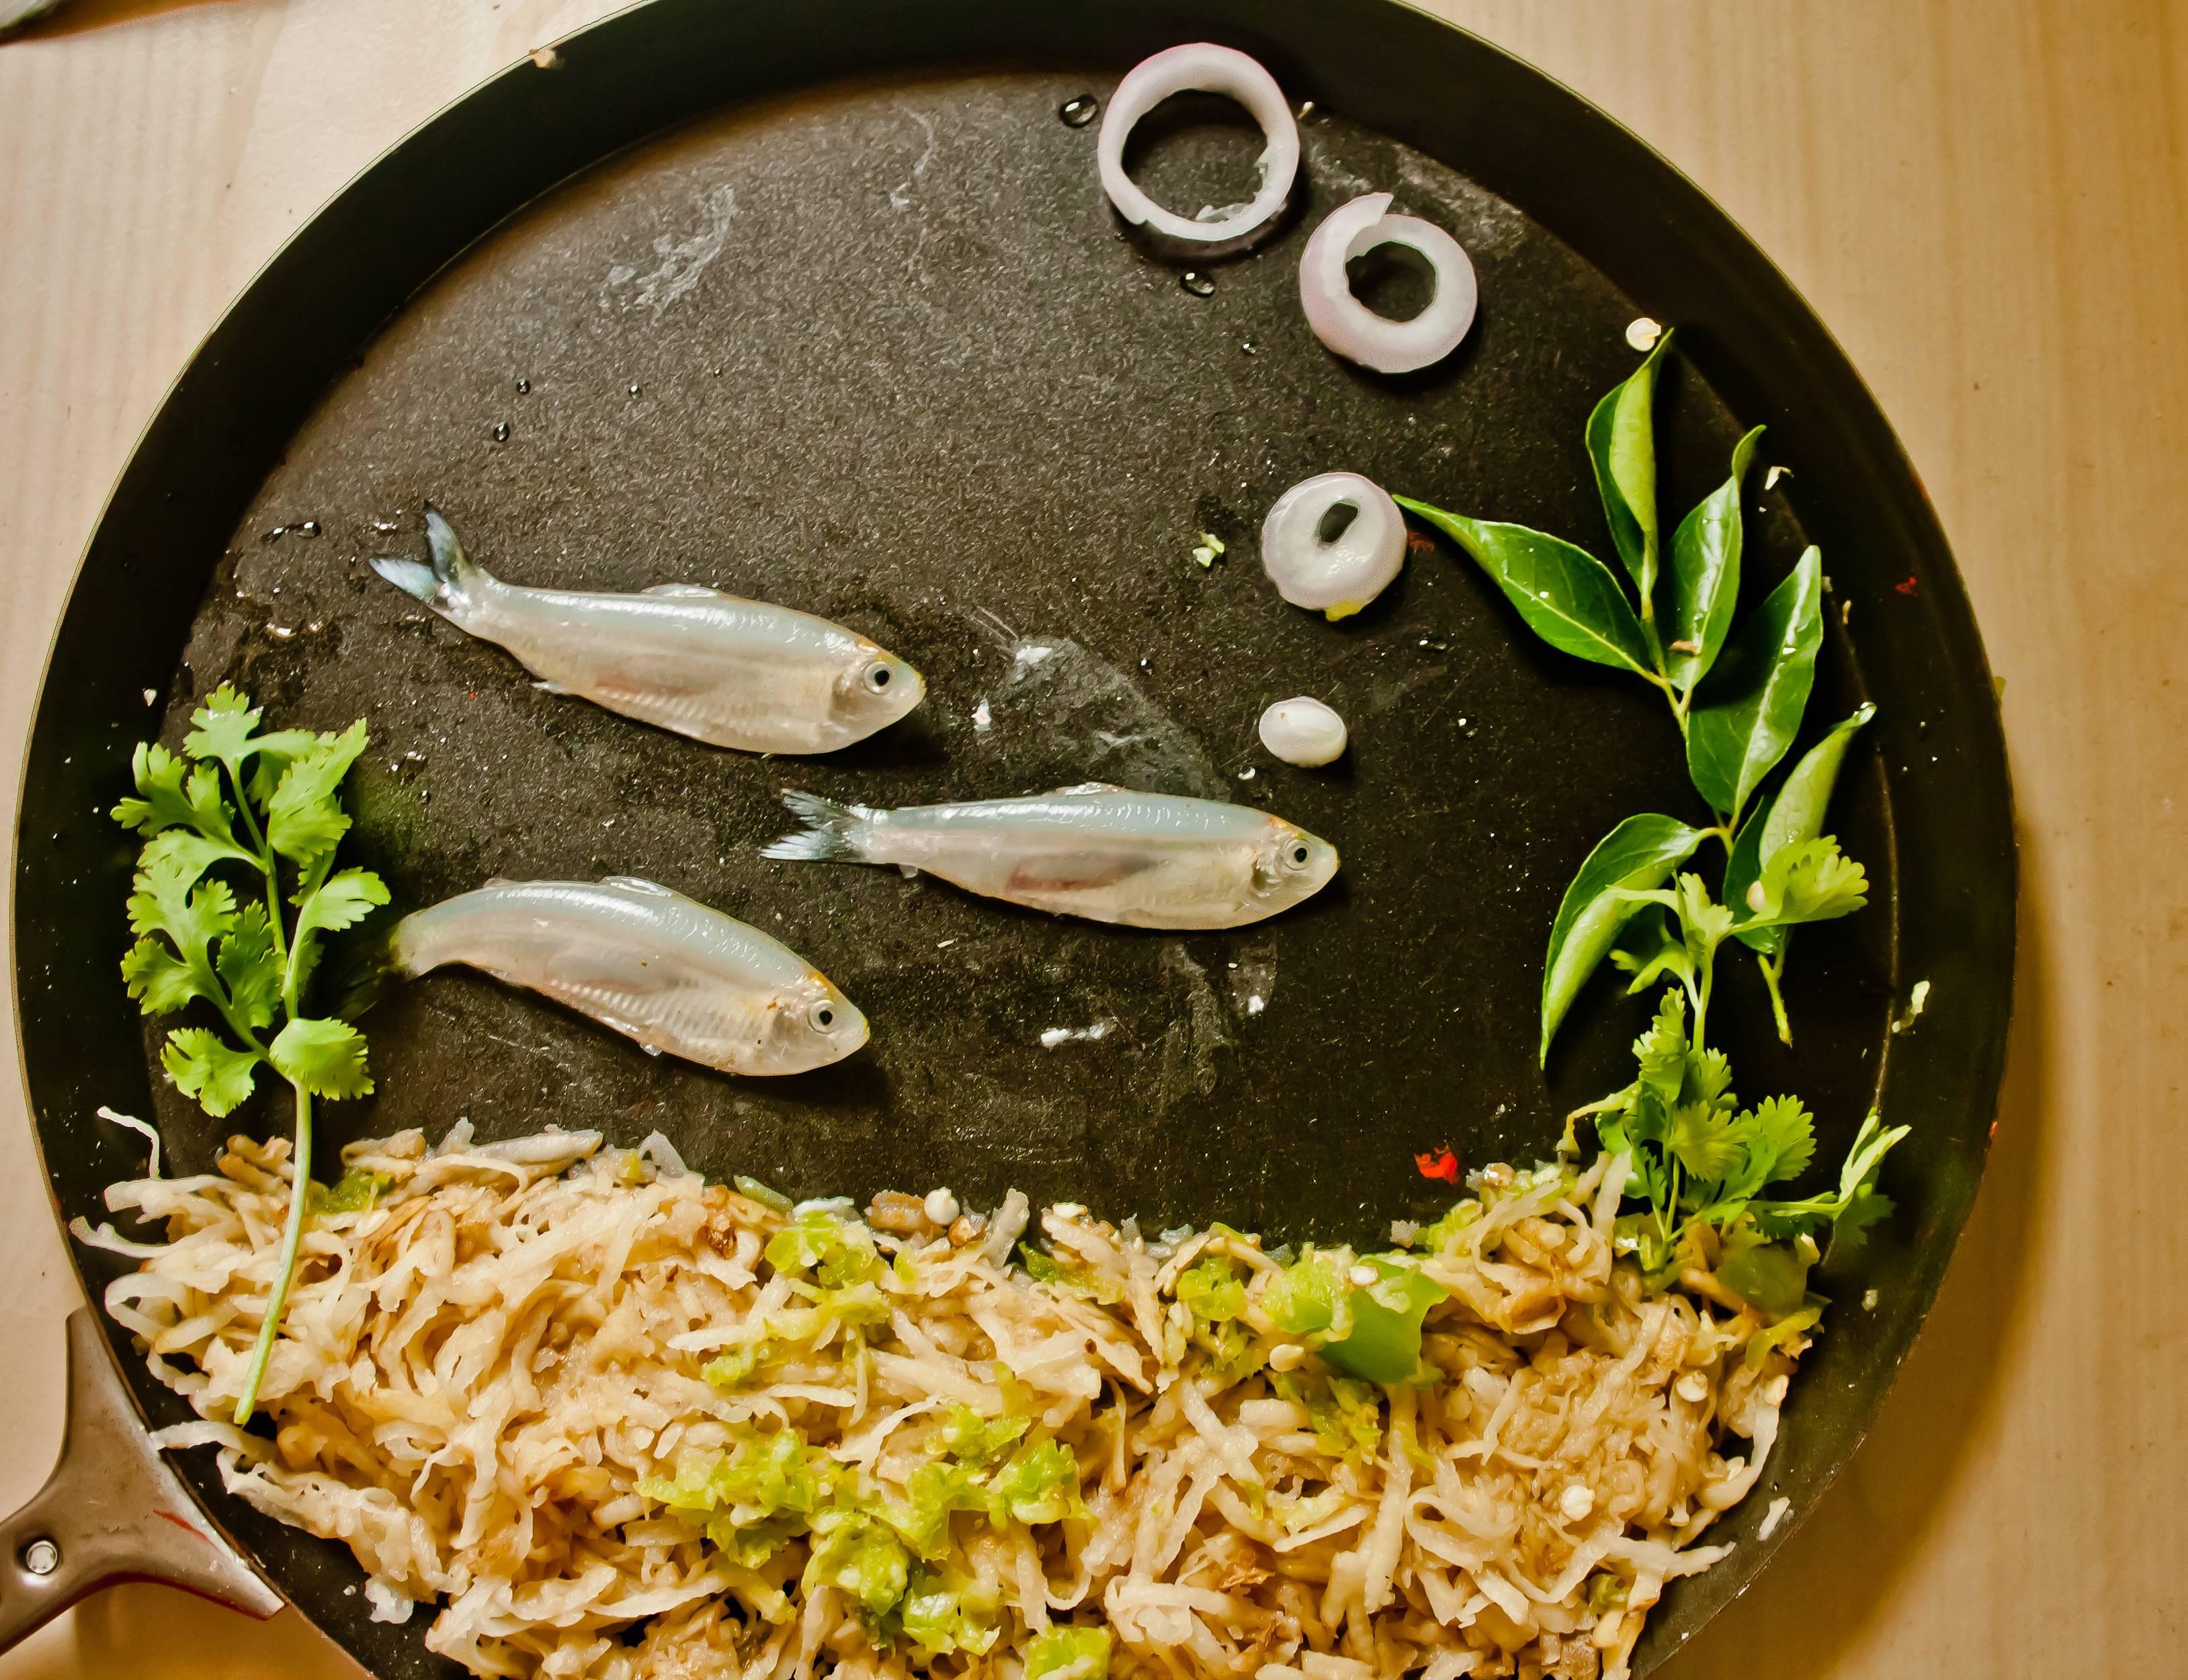 Artifact 3 – Food as Art | AAD250 Summer 2014